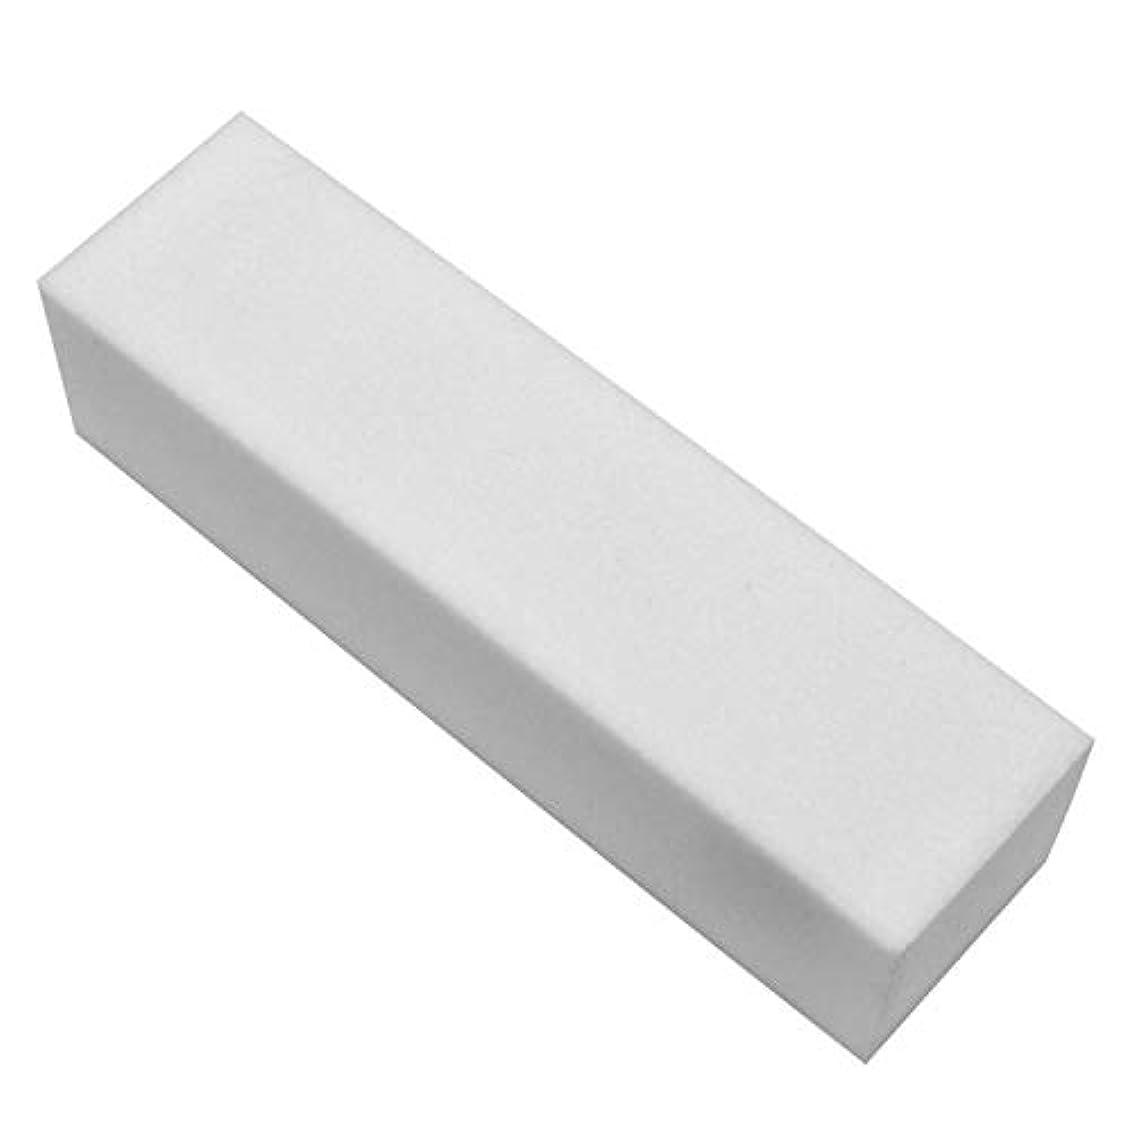 流用するシュガー恩恵ネルパラ ホワイトブロック (ファイル) 25x25x95mm